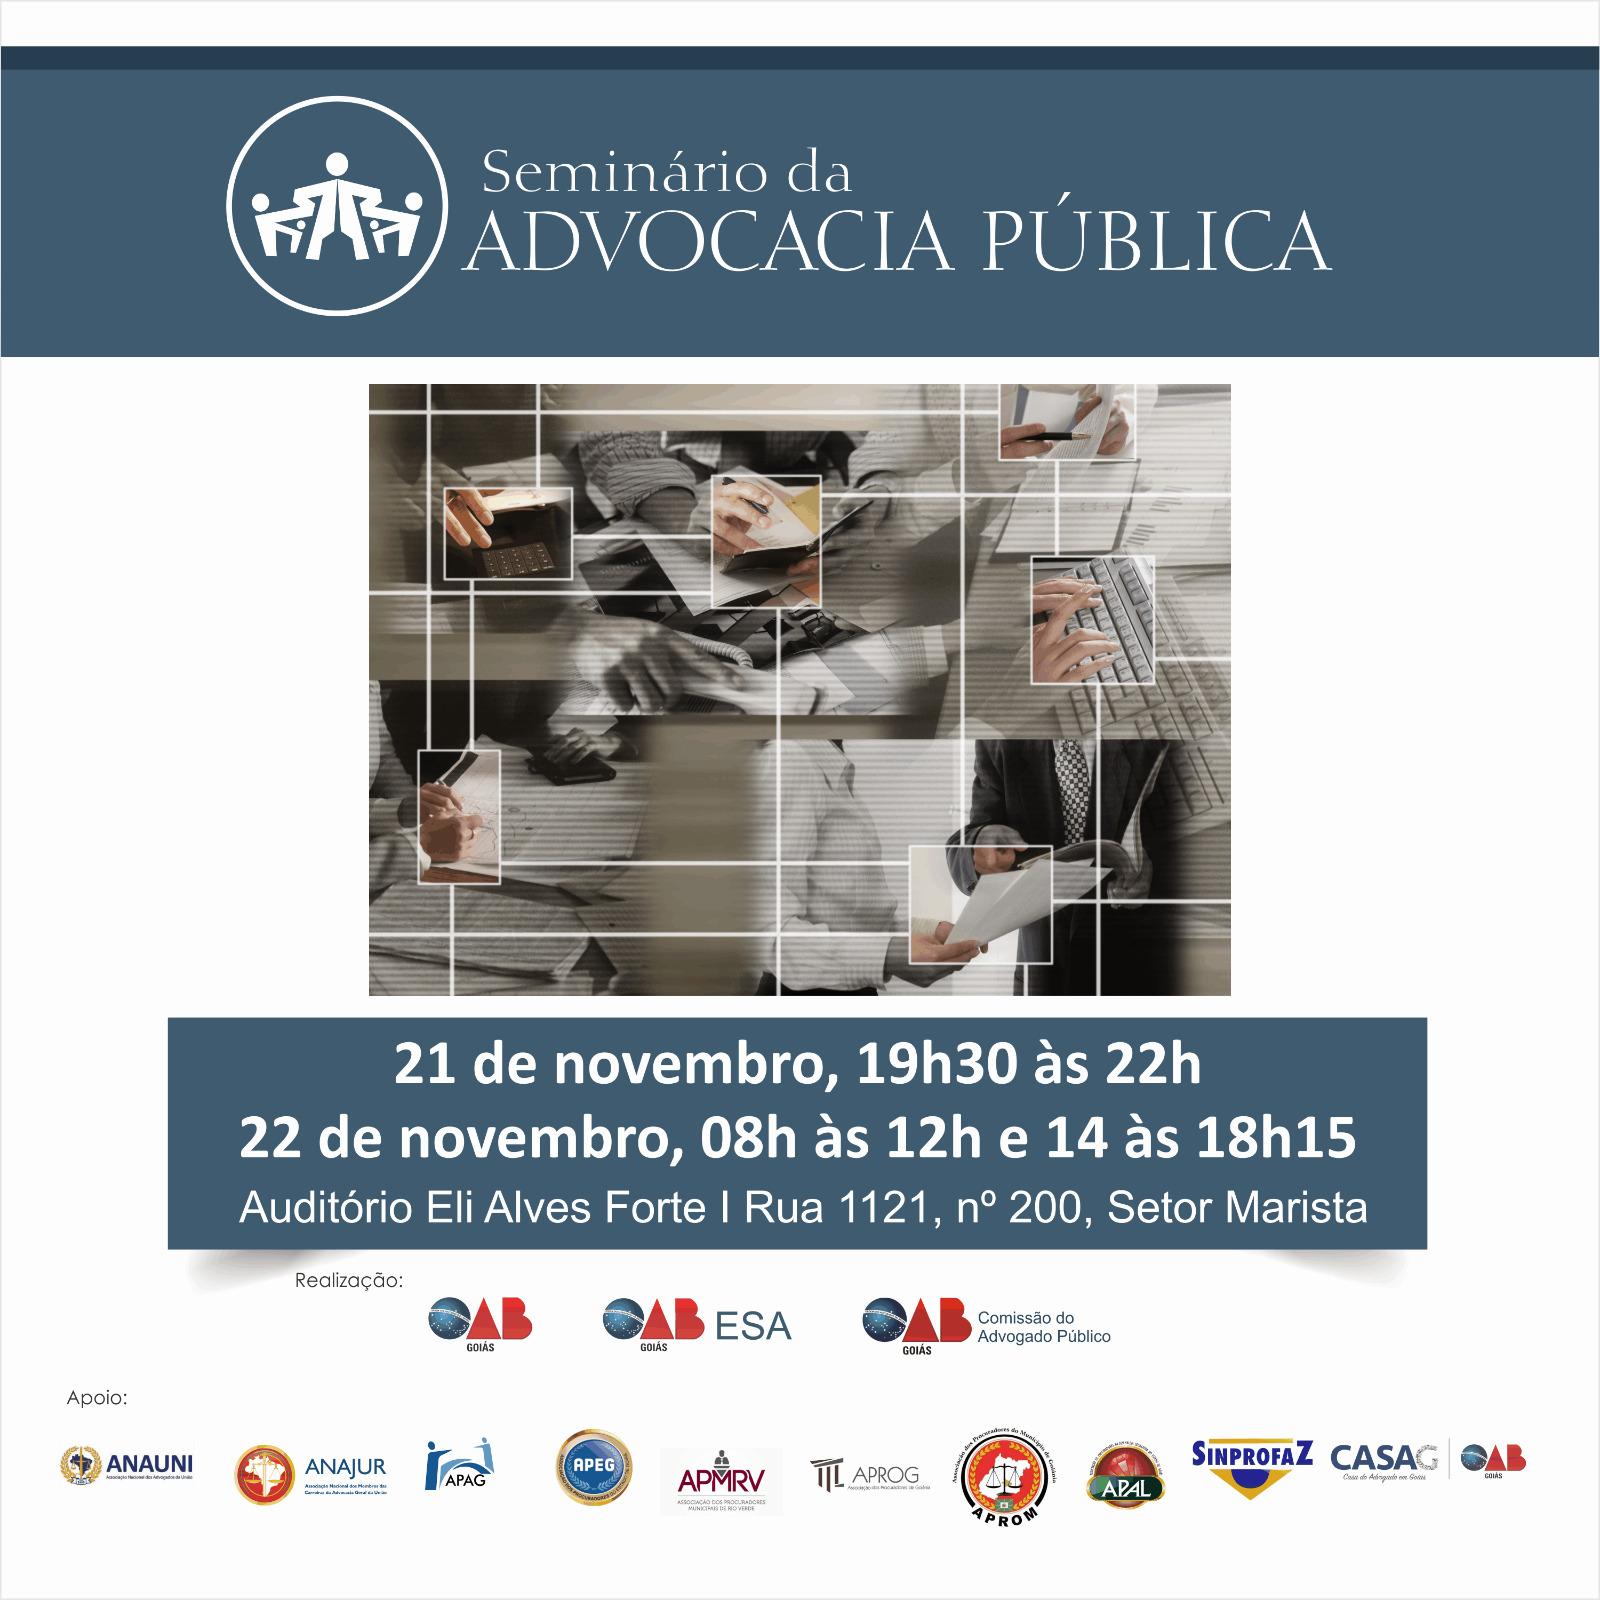 21 e 22/11 - Seminário da Advocacia Pública